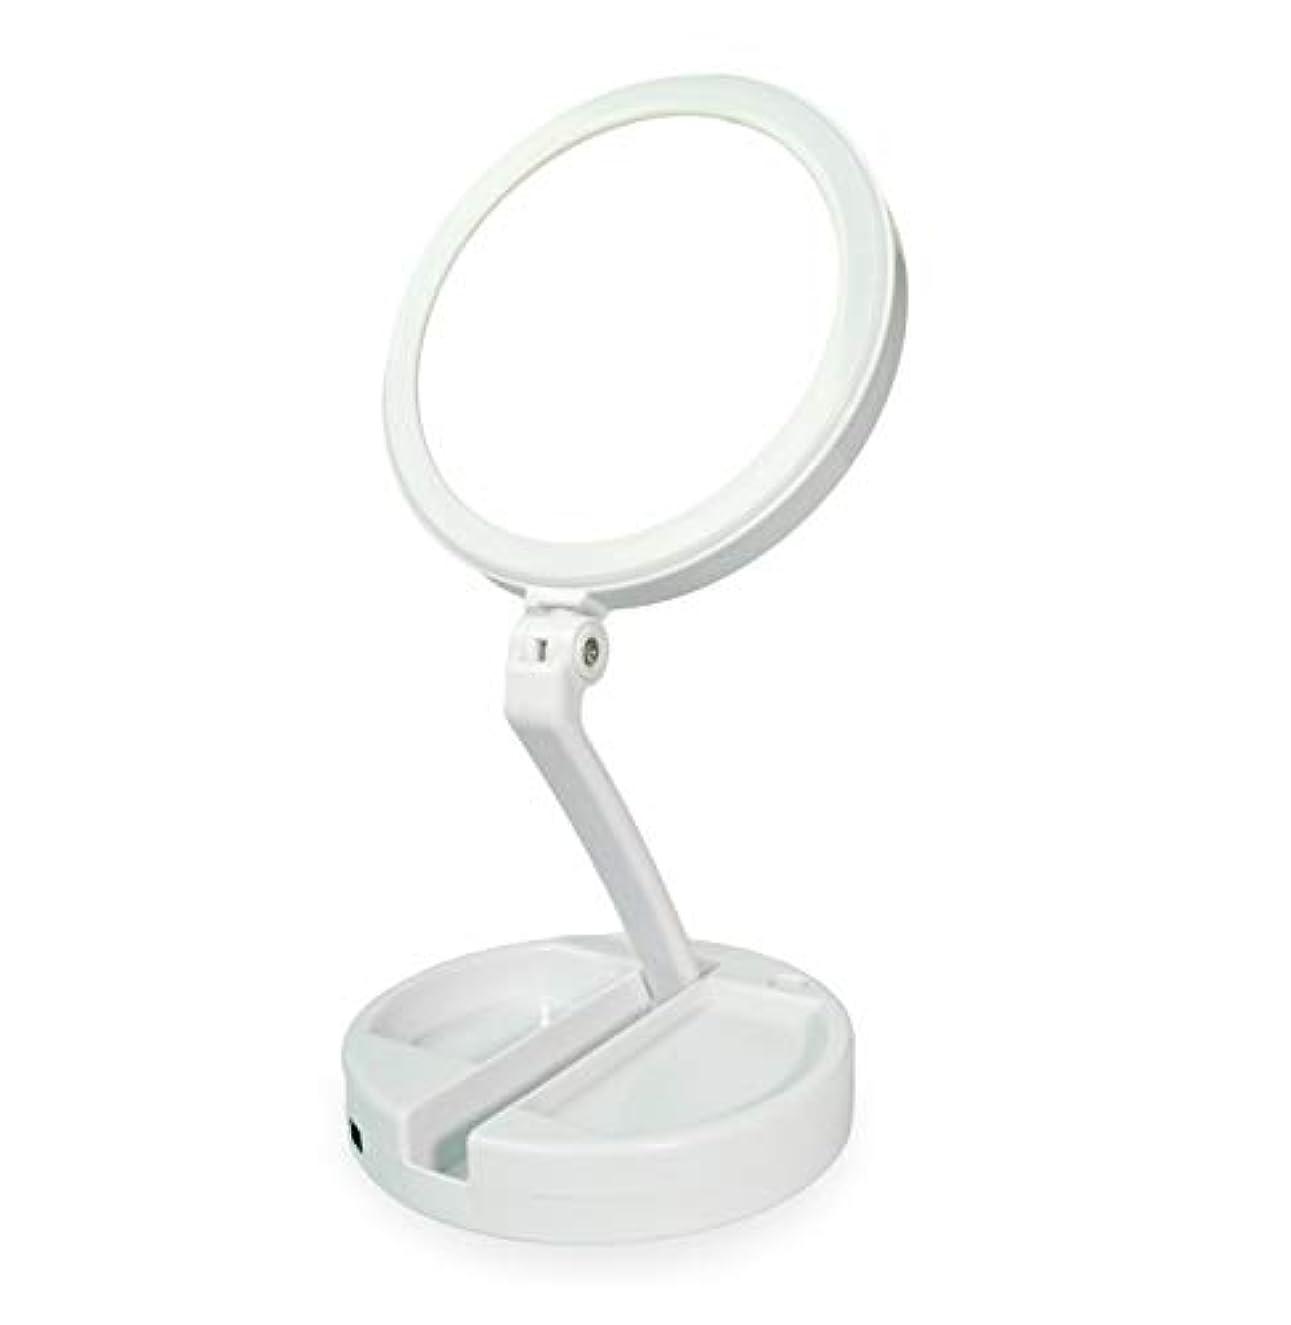 渦サイクル晩ごはん化粧鏡 拡大鏡 化粧 等倍と10倍拡大鏡 ledライト付き 無段階調光 折りたたみ式 360°回転 高さ調整可 収納しやすい 化粧用鏡 卓上鏡